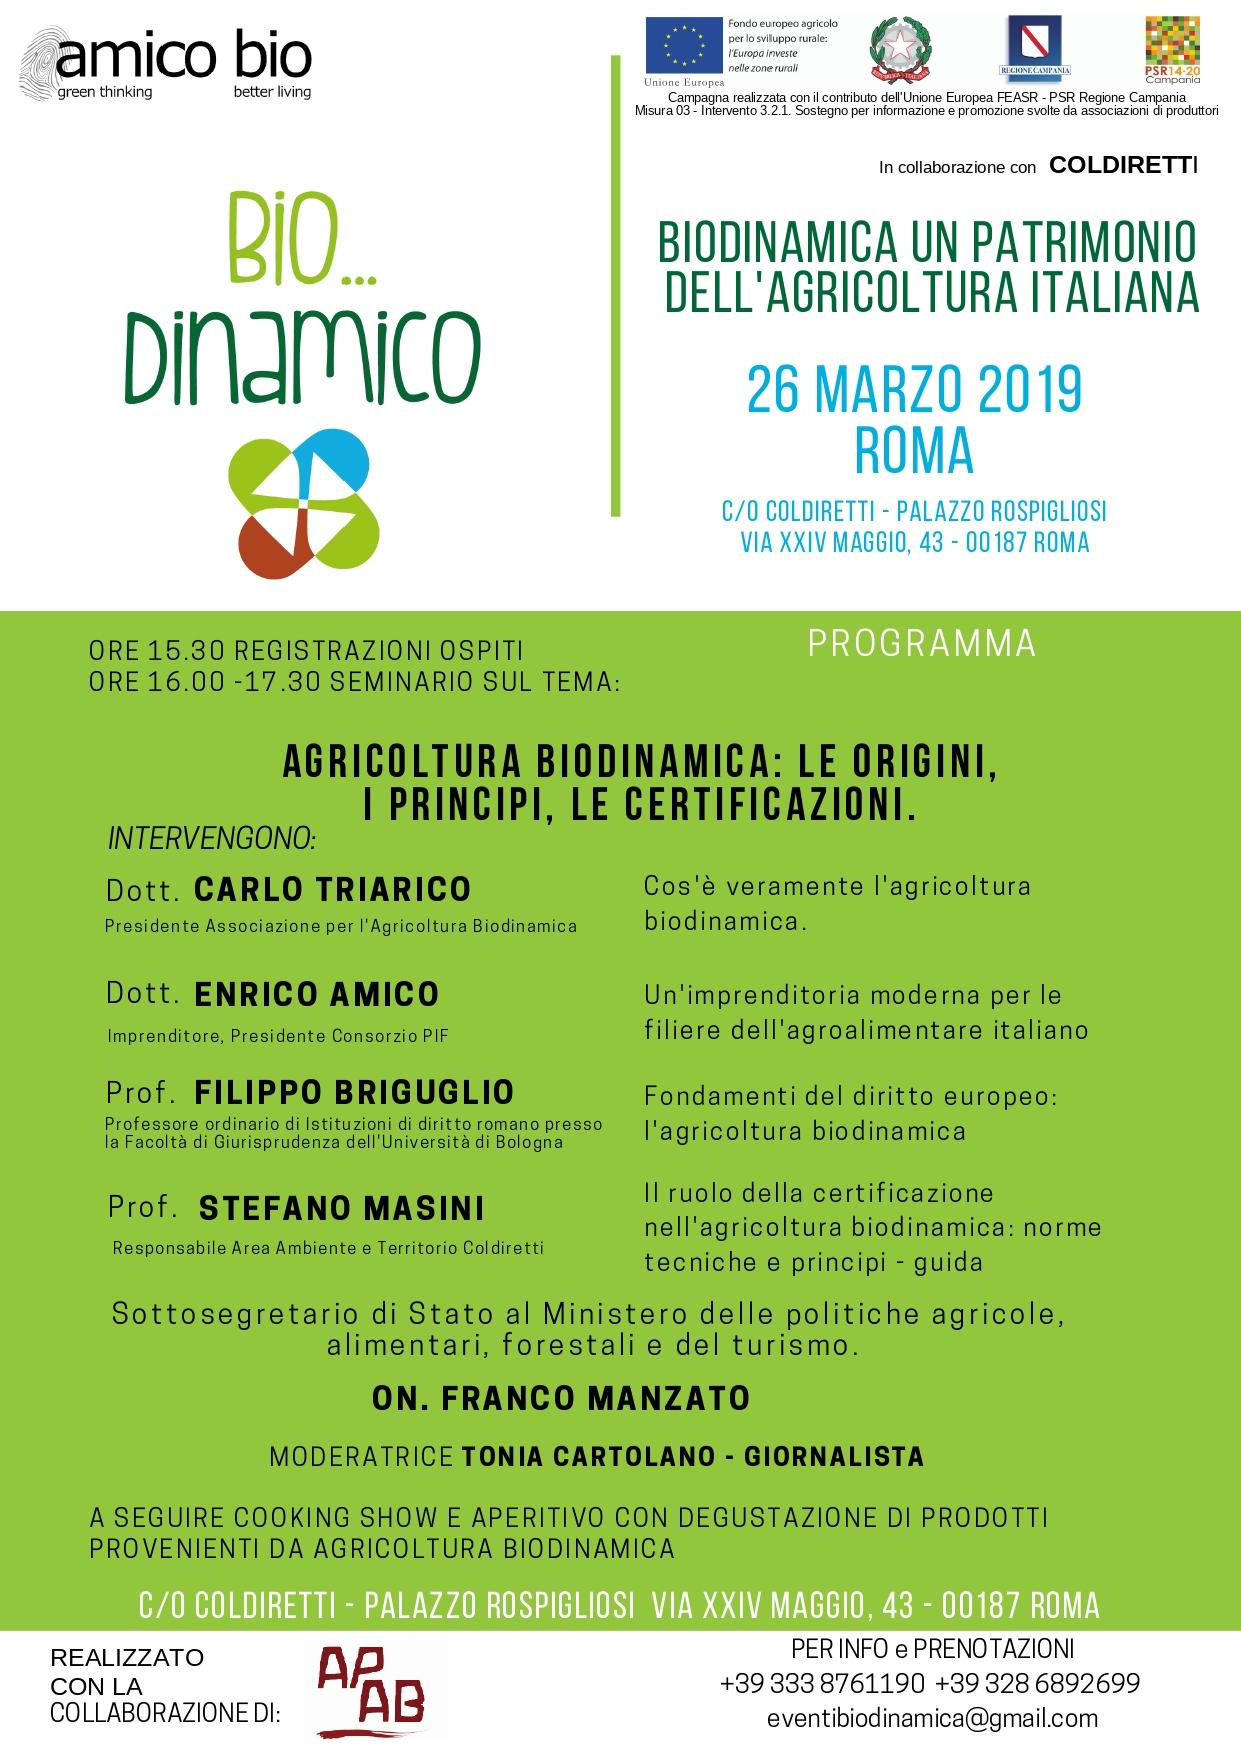 Biodinamica un patrimonio dell'agricoltura italiana.